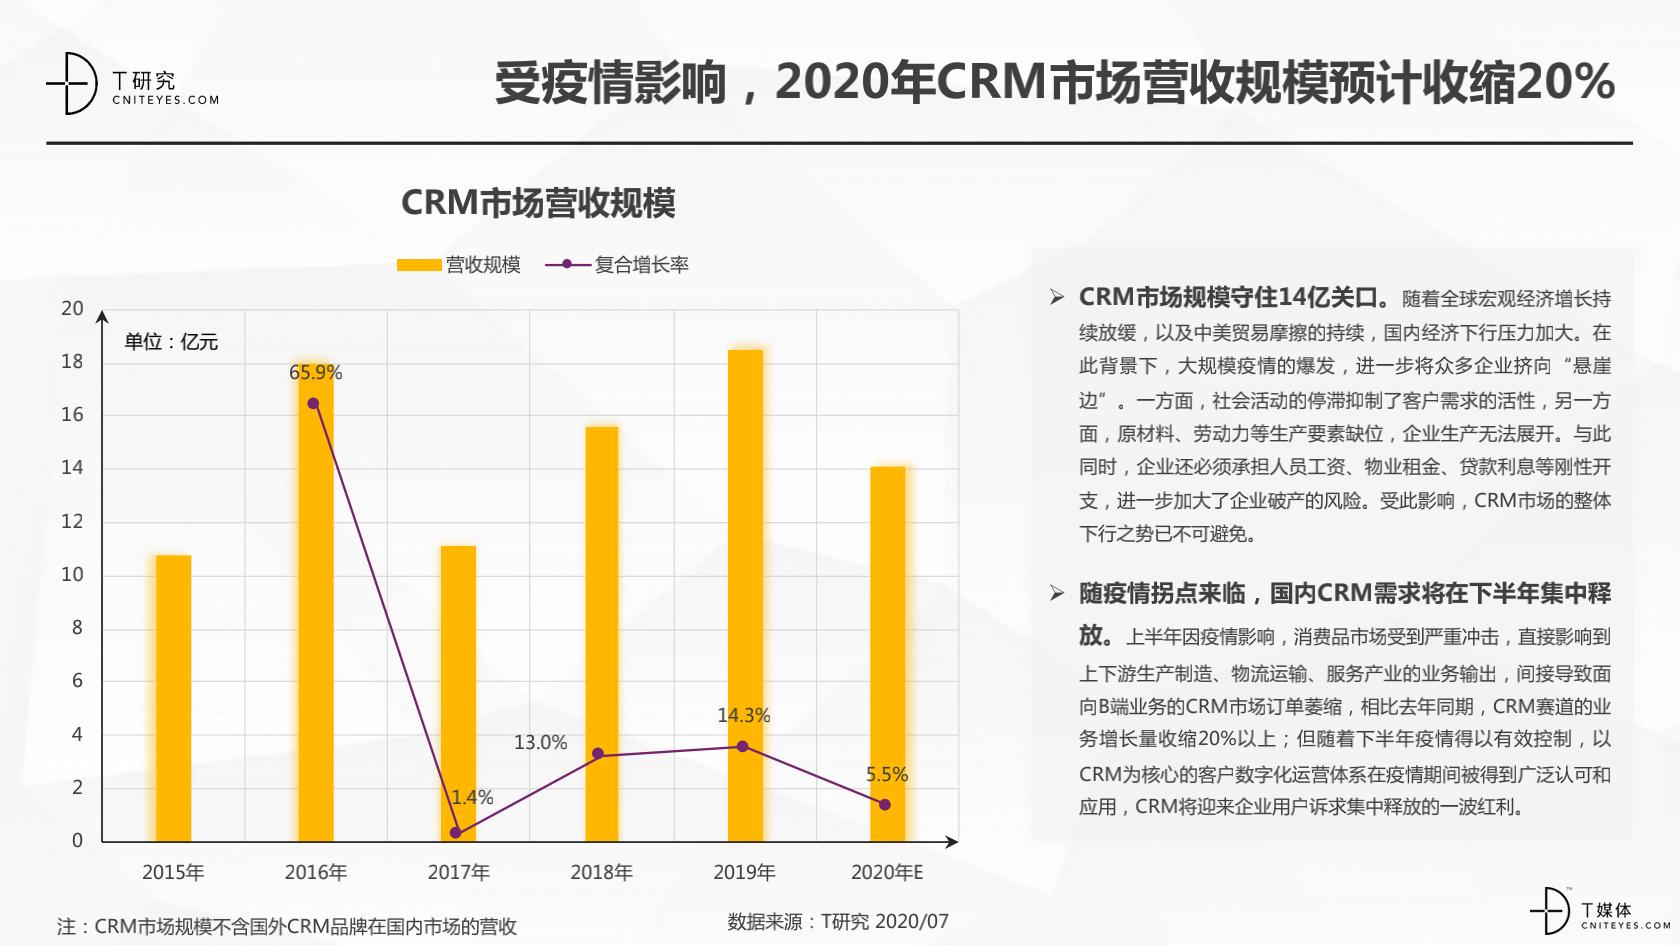 2_2020中国CRM指数测评报告v1.5_05.png